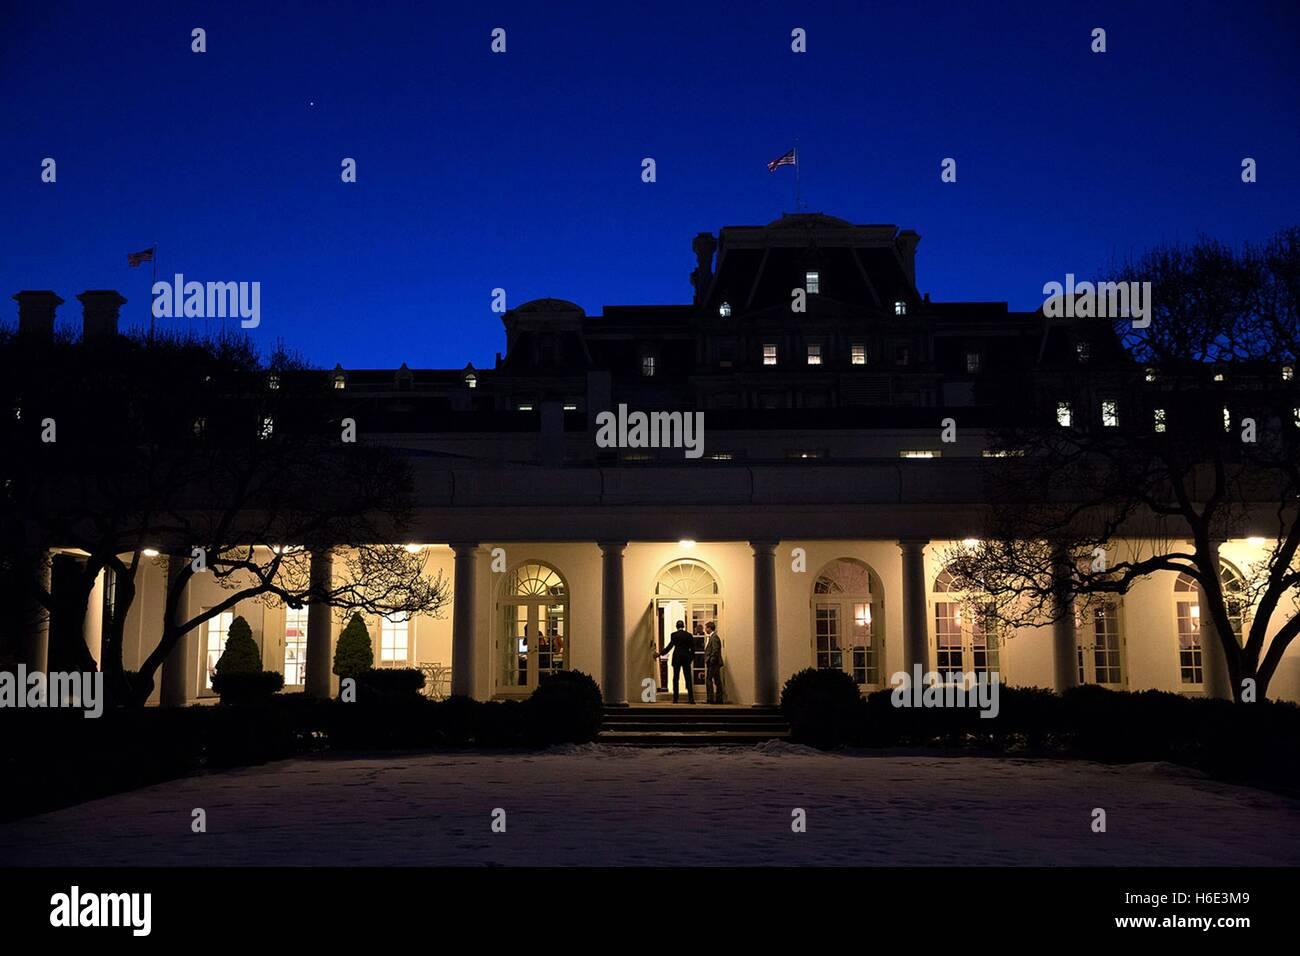 US-Präsident Barack Obama Spaziergänge entlang der Kolonnade in der Nacht Weg zum weißen Haus äußeren Stockbild